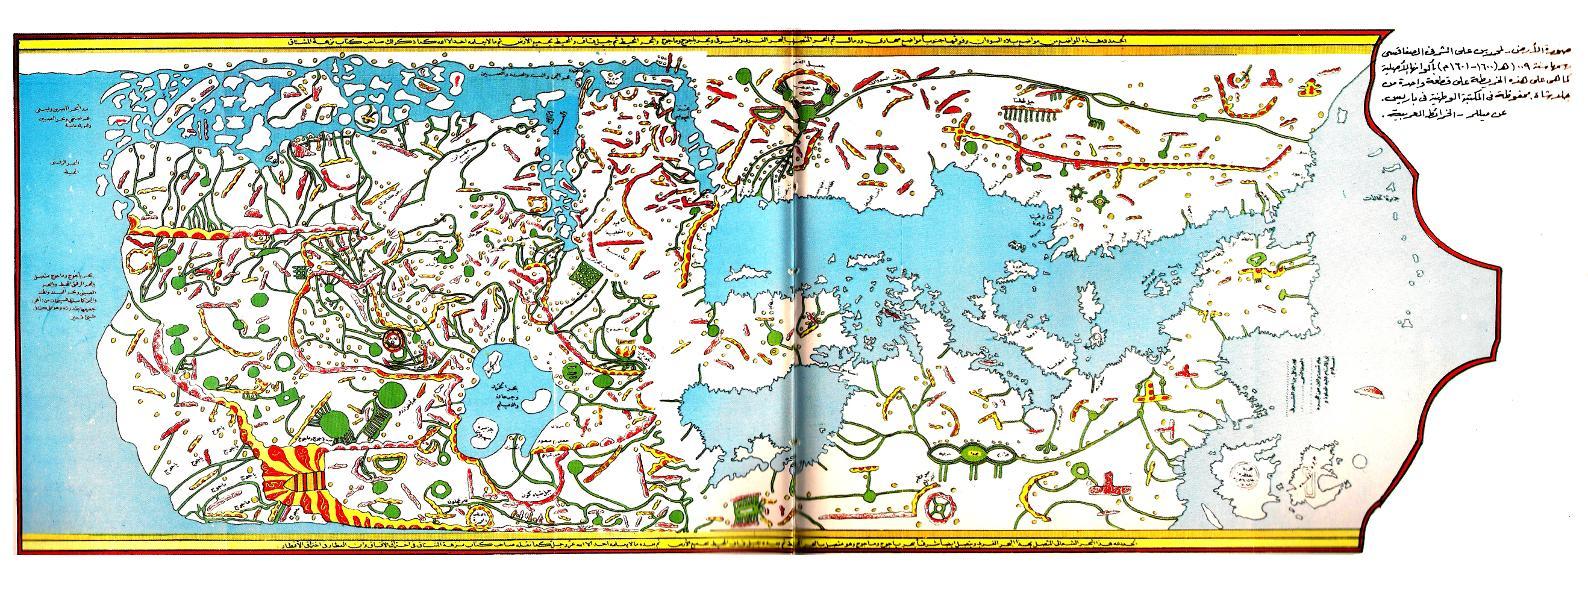 """ภาพของโลก โดย """"มุฮัมมัด อิบนุ อาลี อัชชุรฟีย์ อัศ-ศ่อฟากิสียฺ"""" วาดขึ้นในปี ฮ.ศ.1009 บนแผ่นหนังแกะ ถูกเก็บรักษาเอาไว้ในหอสมุดแห่งชาติ นครปารีส"""